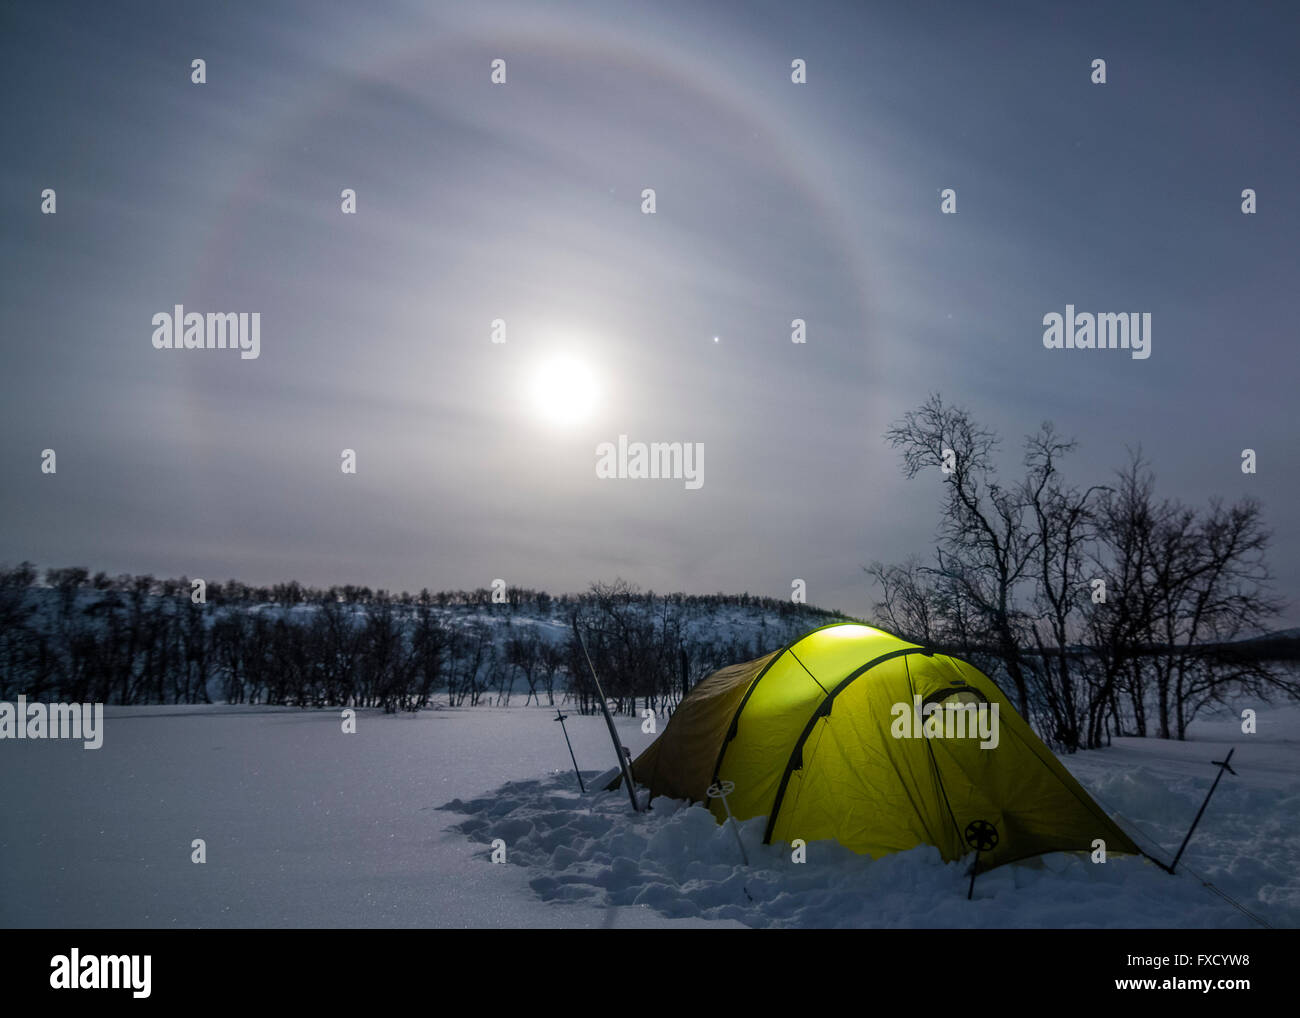 Zelt in die Polarnacht von Finnland Stockbild